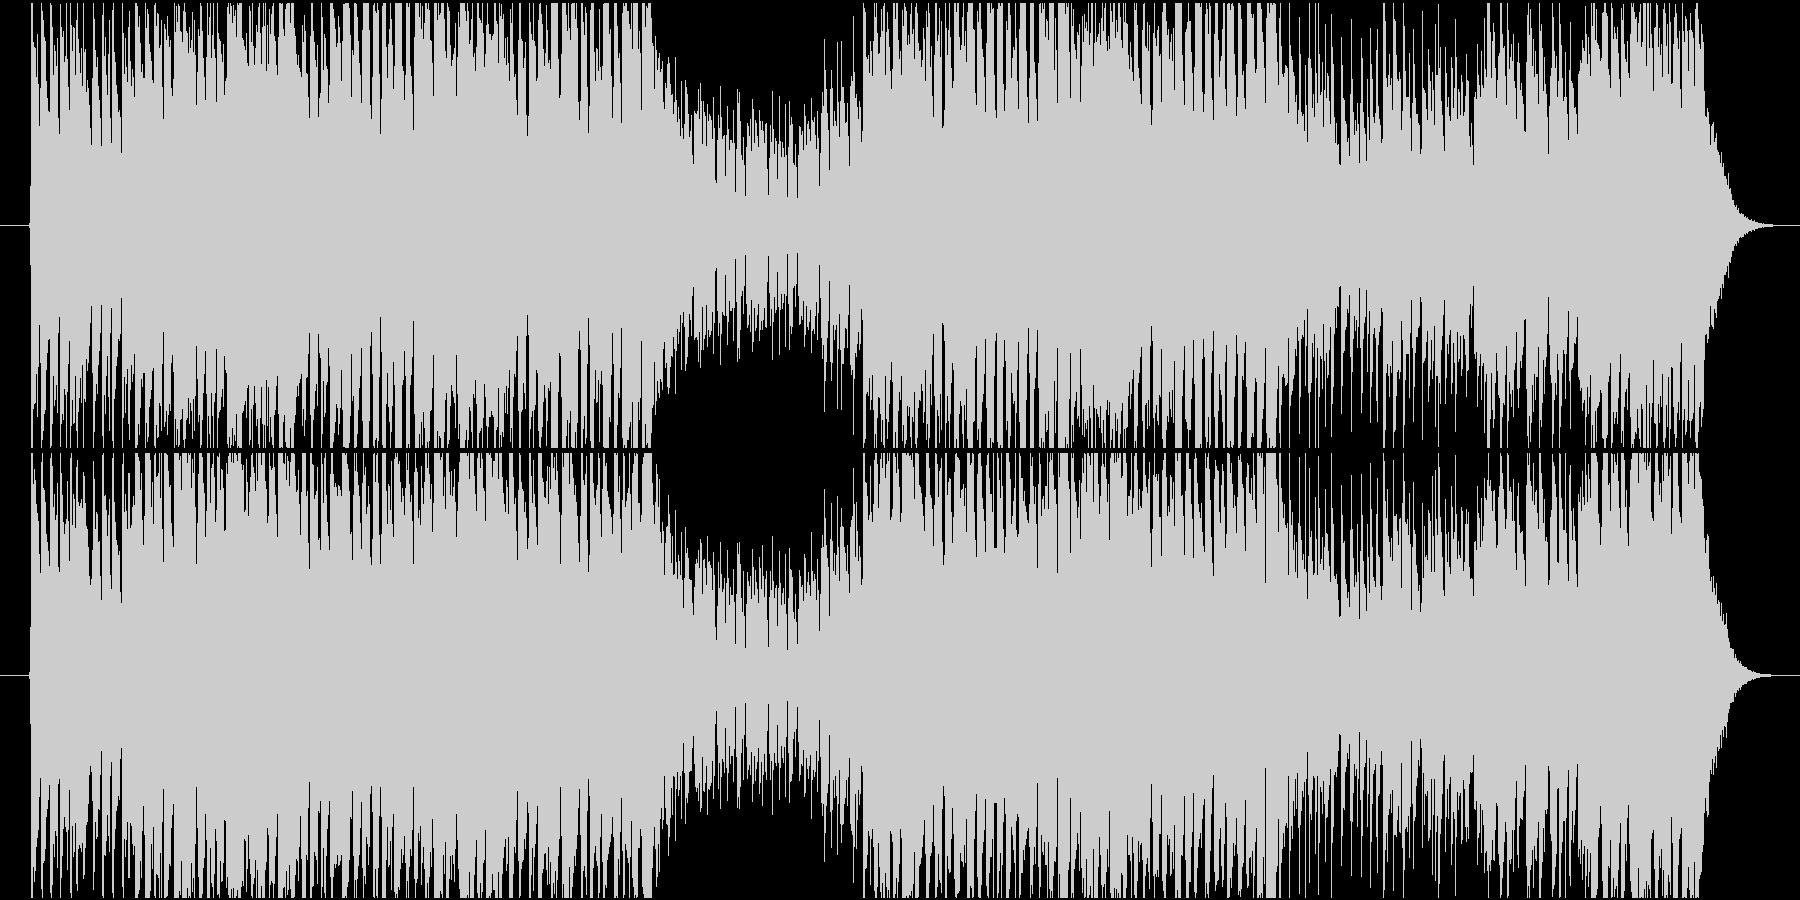 軽快なブラスによるファンキーTUNEの未再生の波形